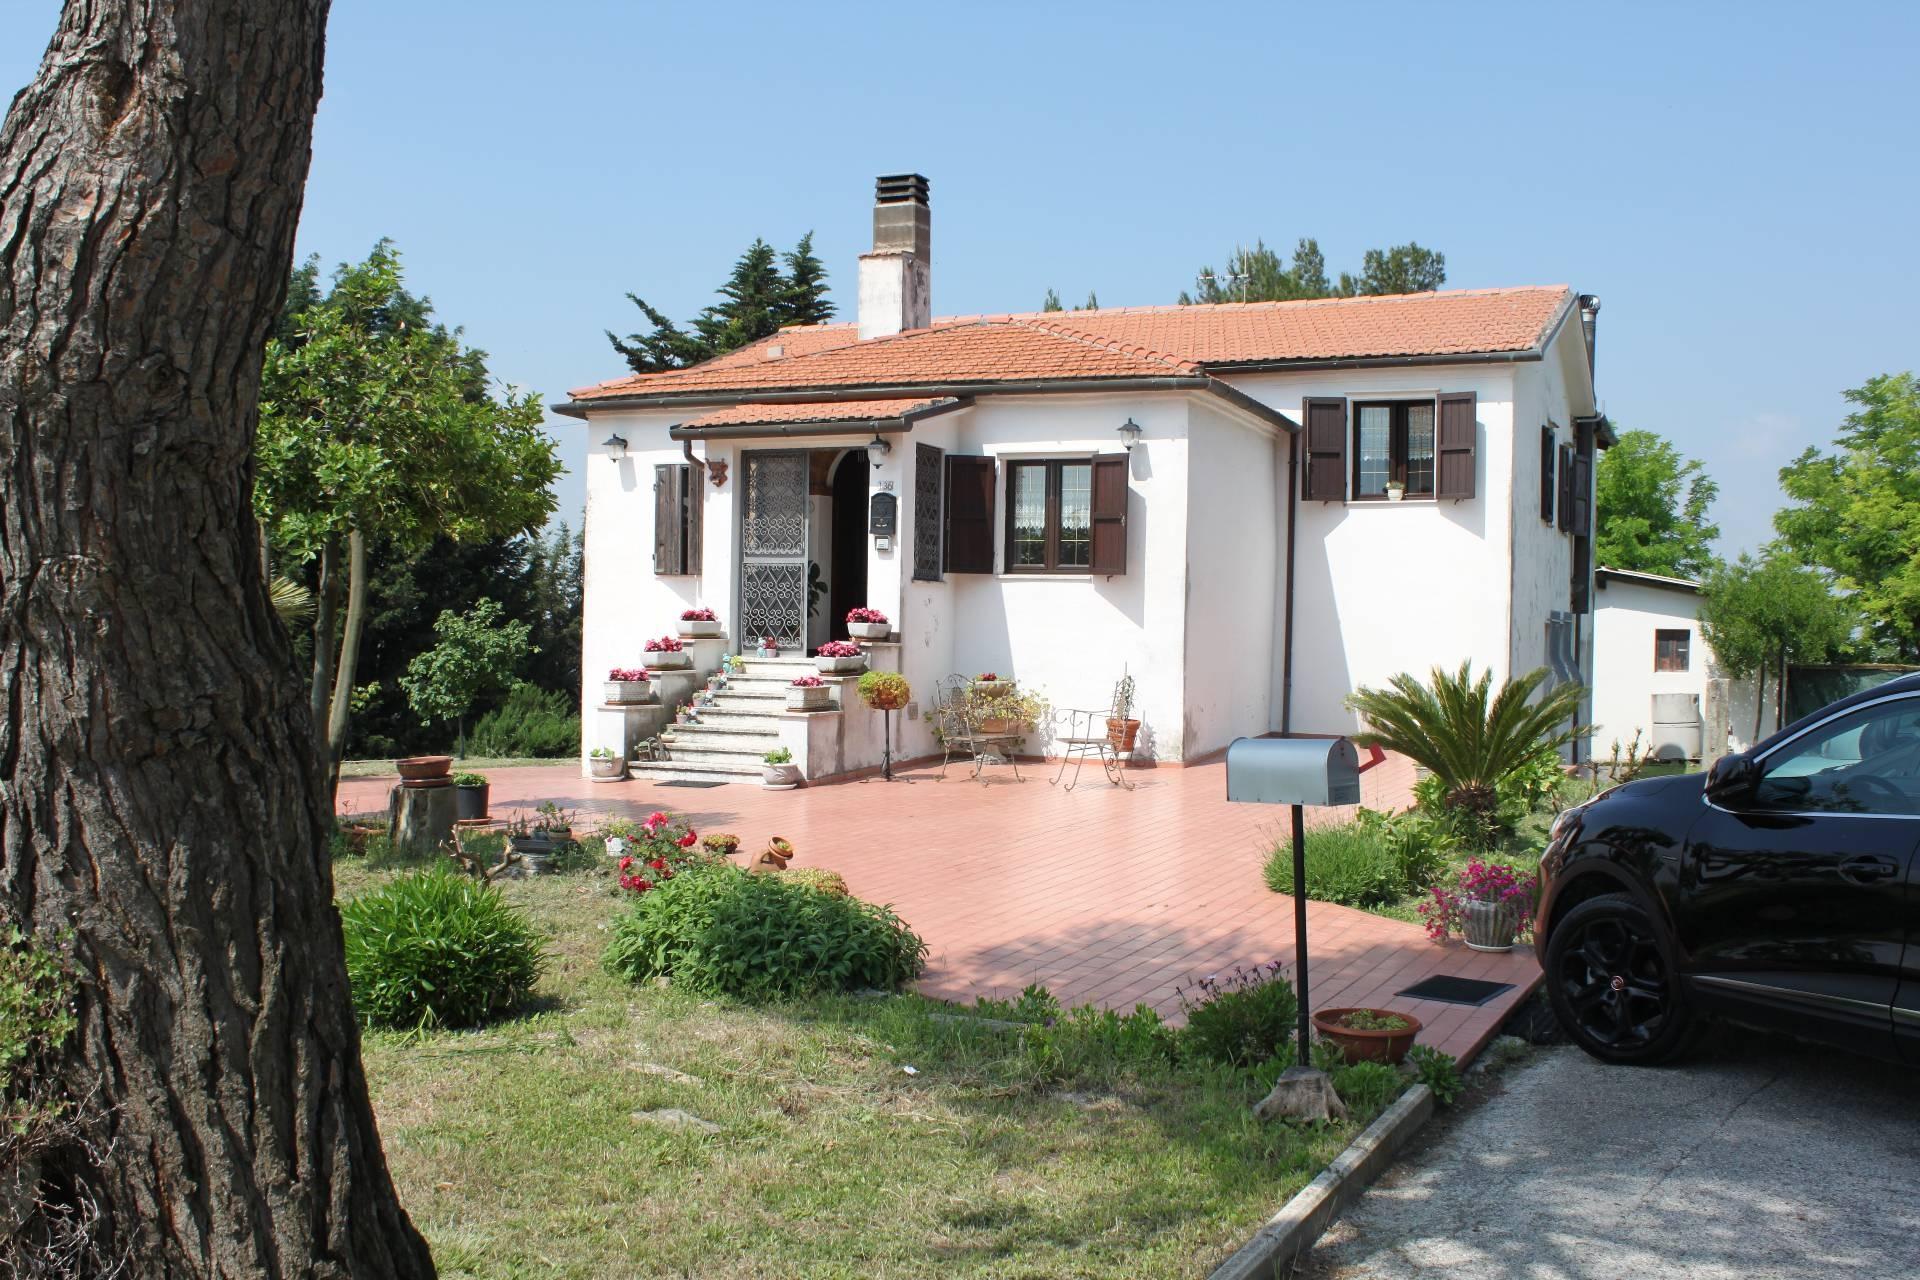 Villetta in vendita a Sappanico, Ancona (AN)